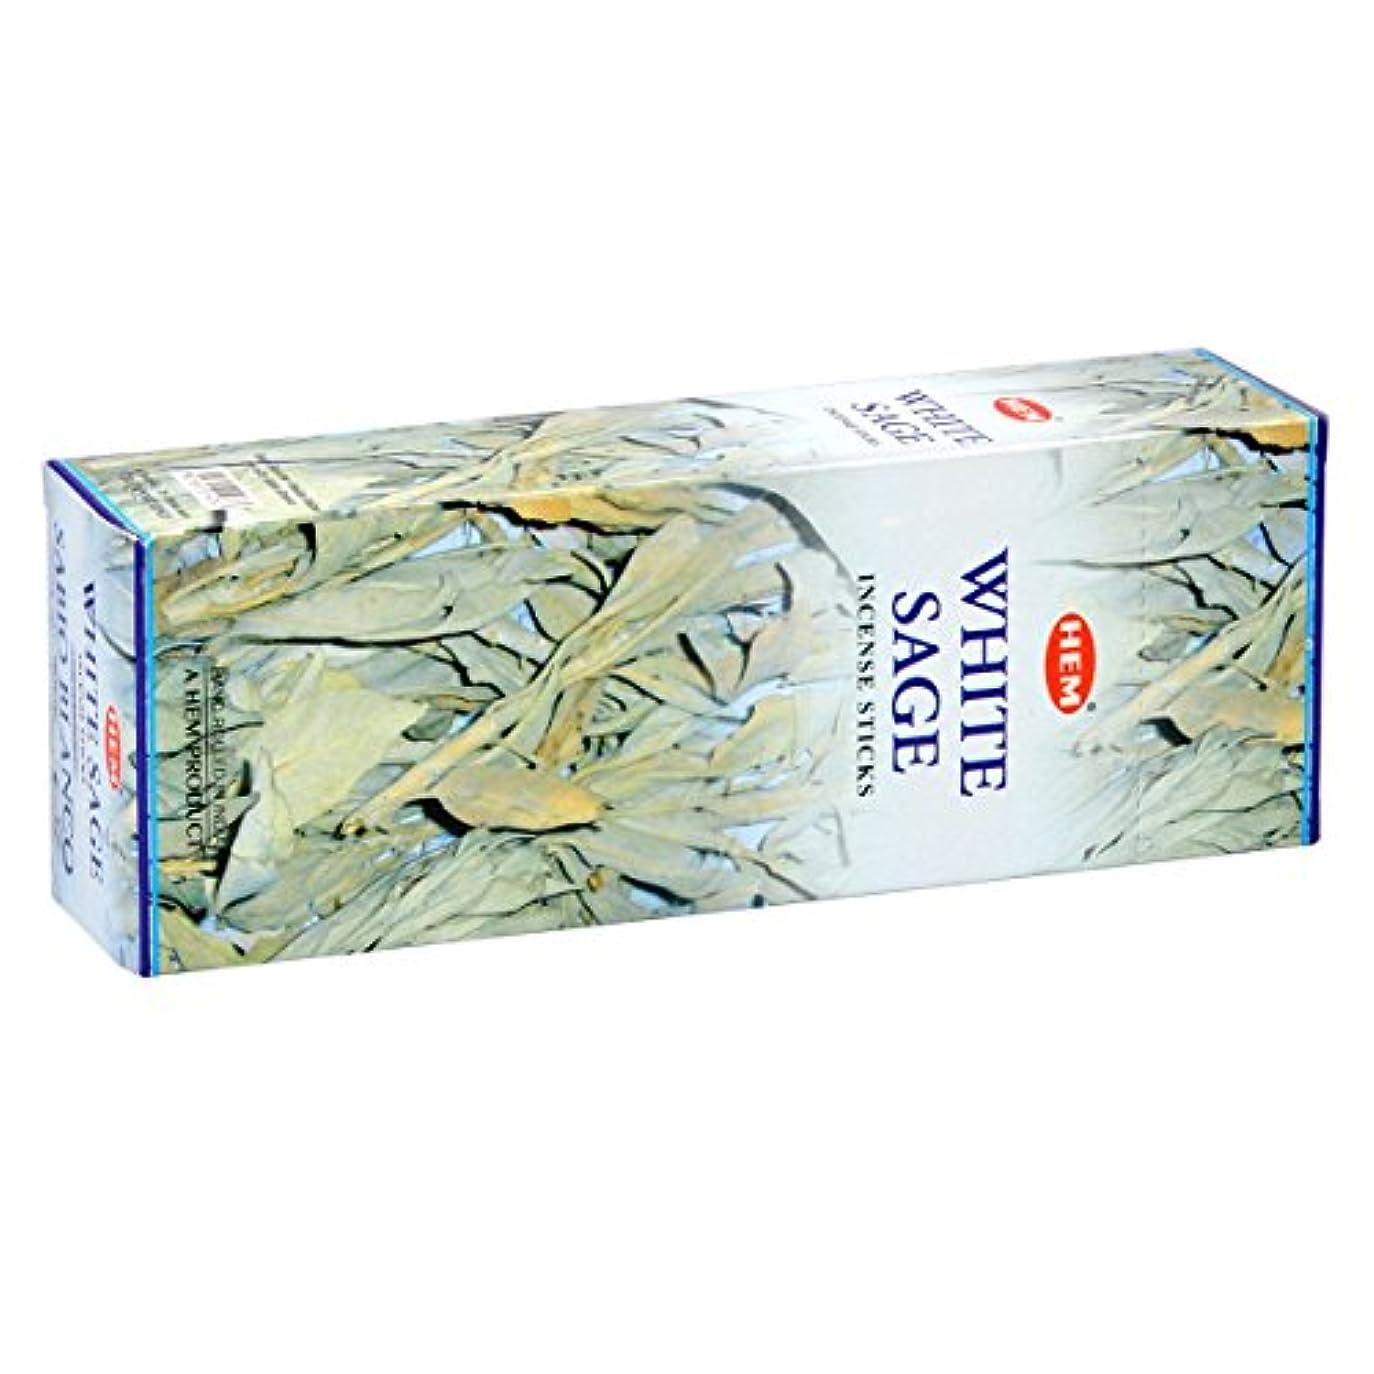 フラフープ下るピンHEM(ヘム) ホワイト セージ WHITE SAGE スティックタイプ お香 6筒 セット [並行輸入品]